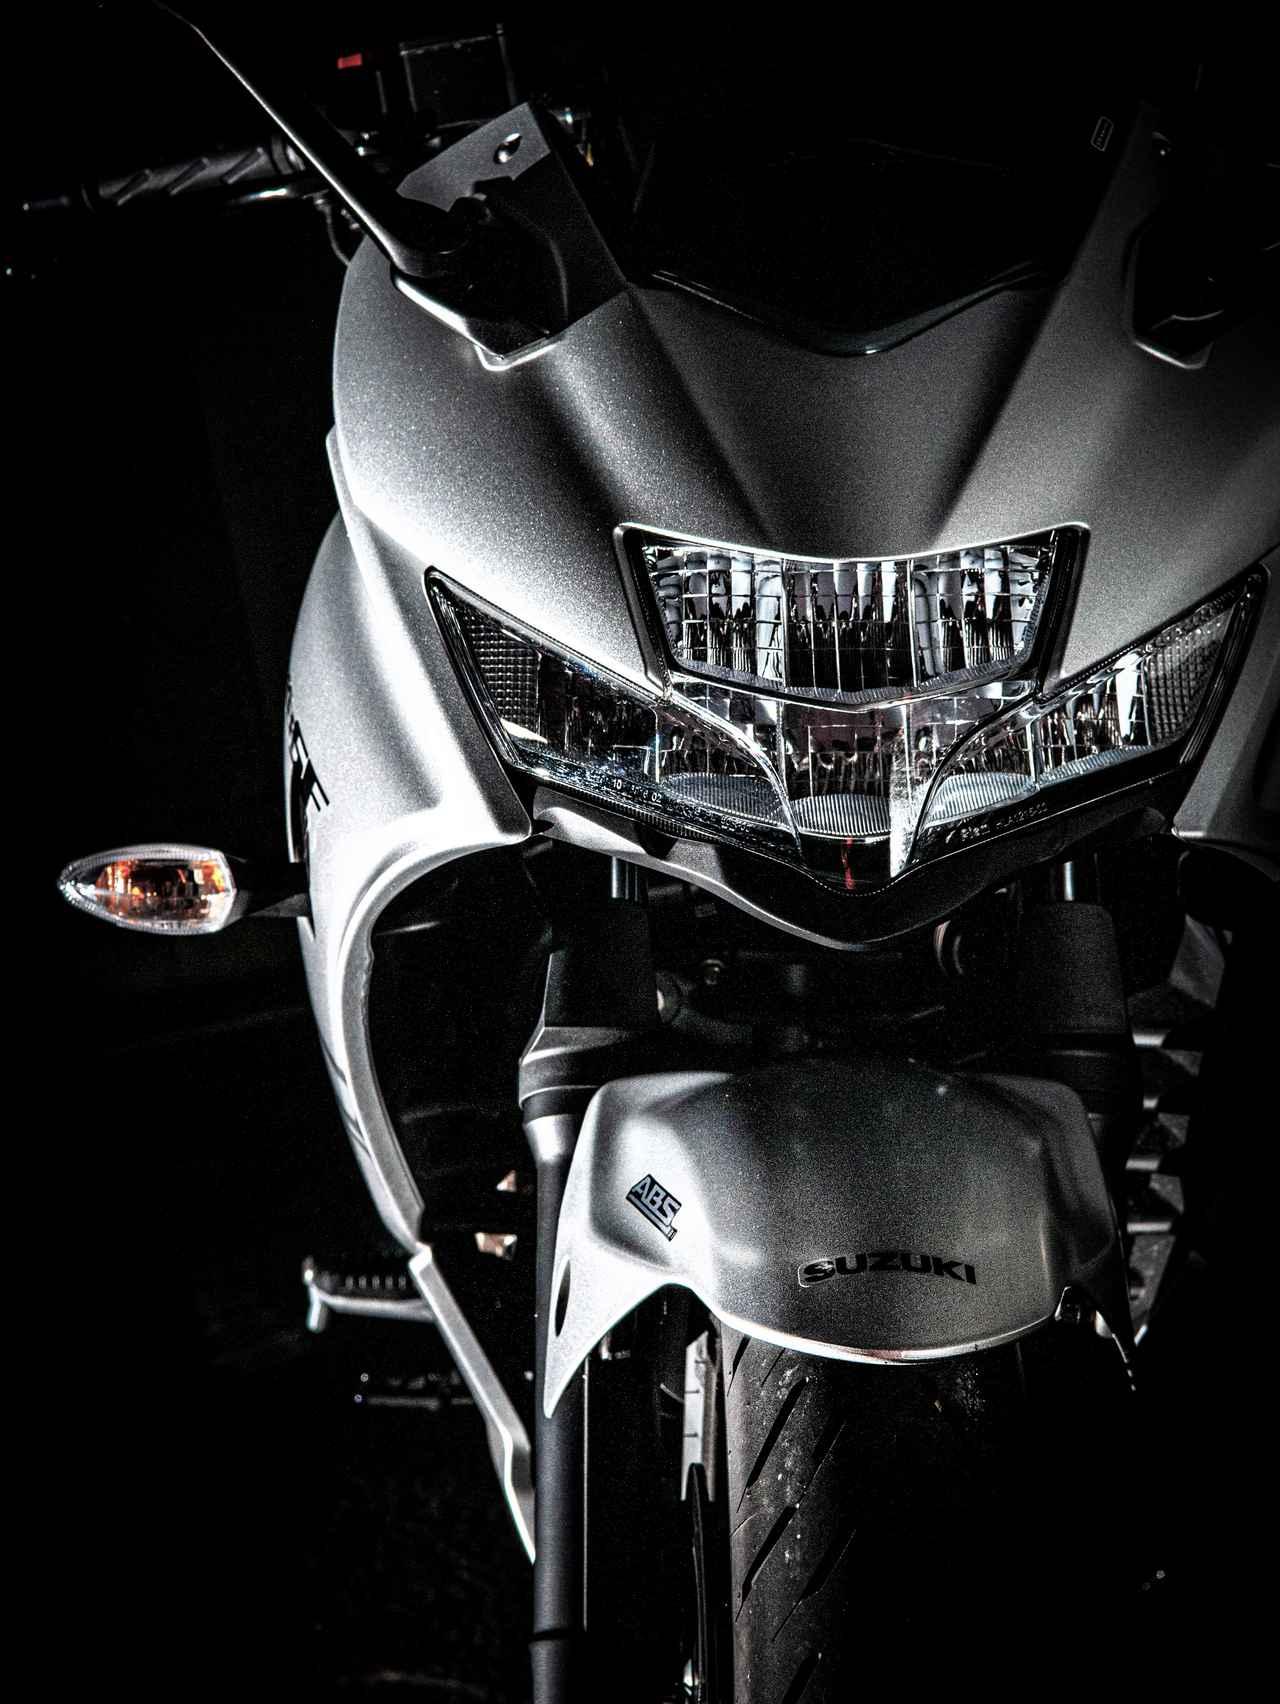 画像1: スズキの『ジクサーSF250』に乗ったら、250ccバイク最高のコスパ感に震えた【SUZUKI GIXXER SF250/試乗インプレ①】